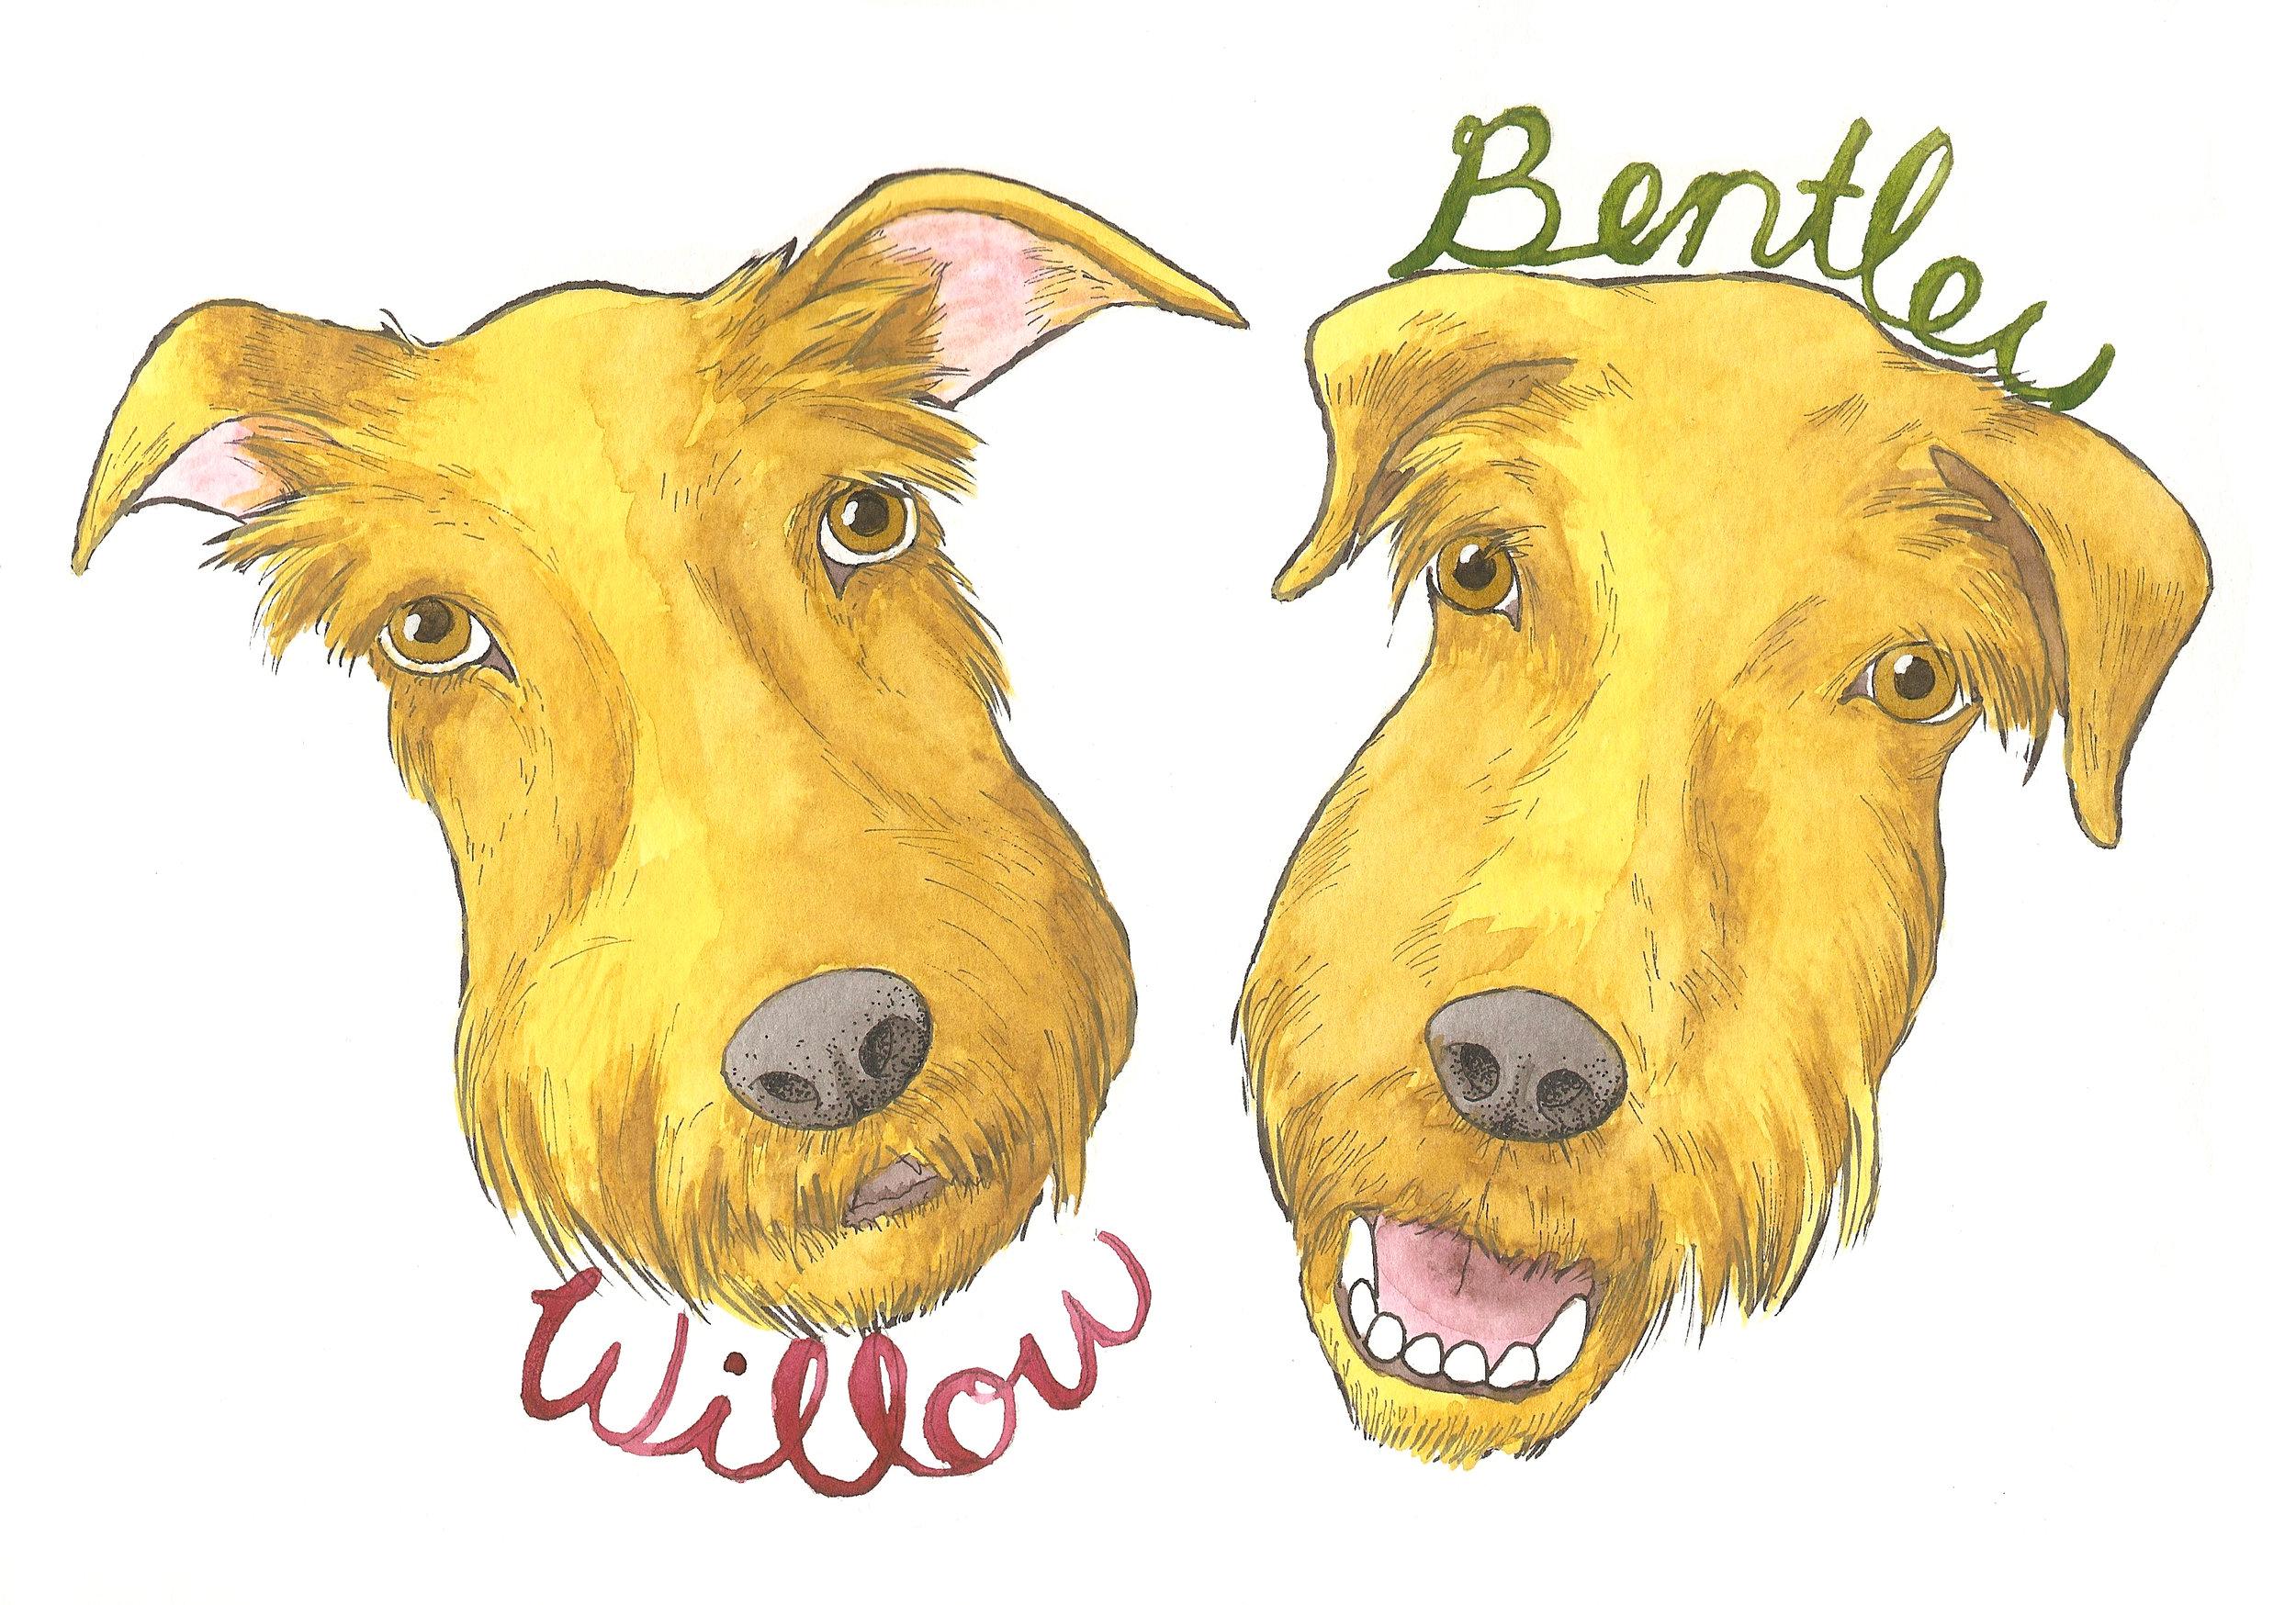 Willow and Bentley 2.jpg